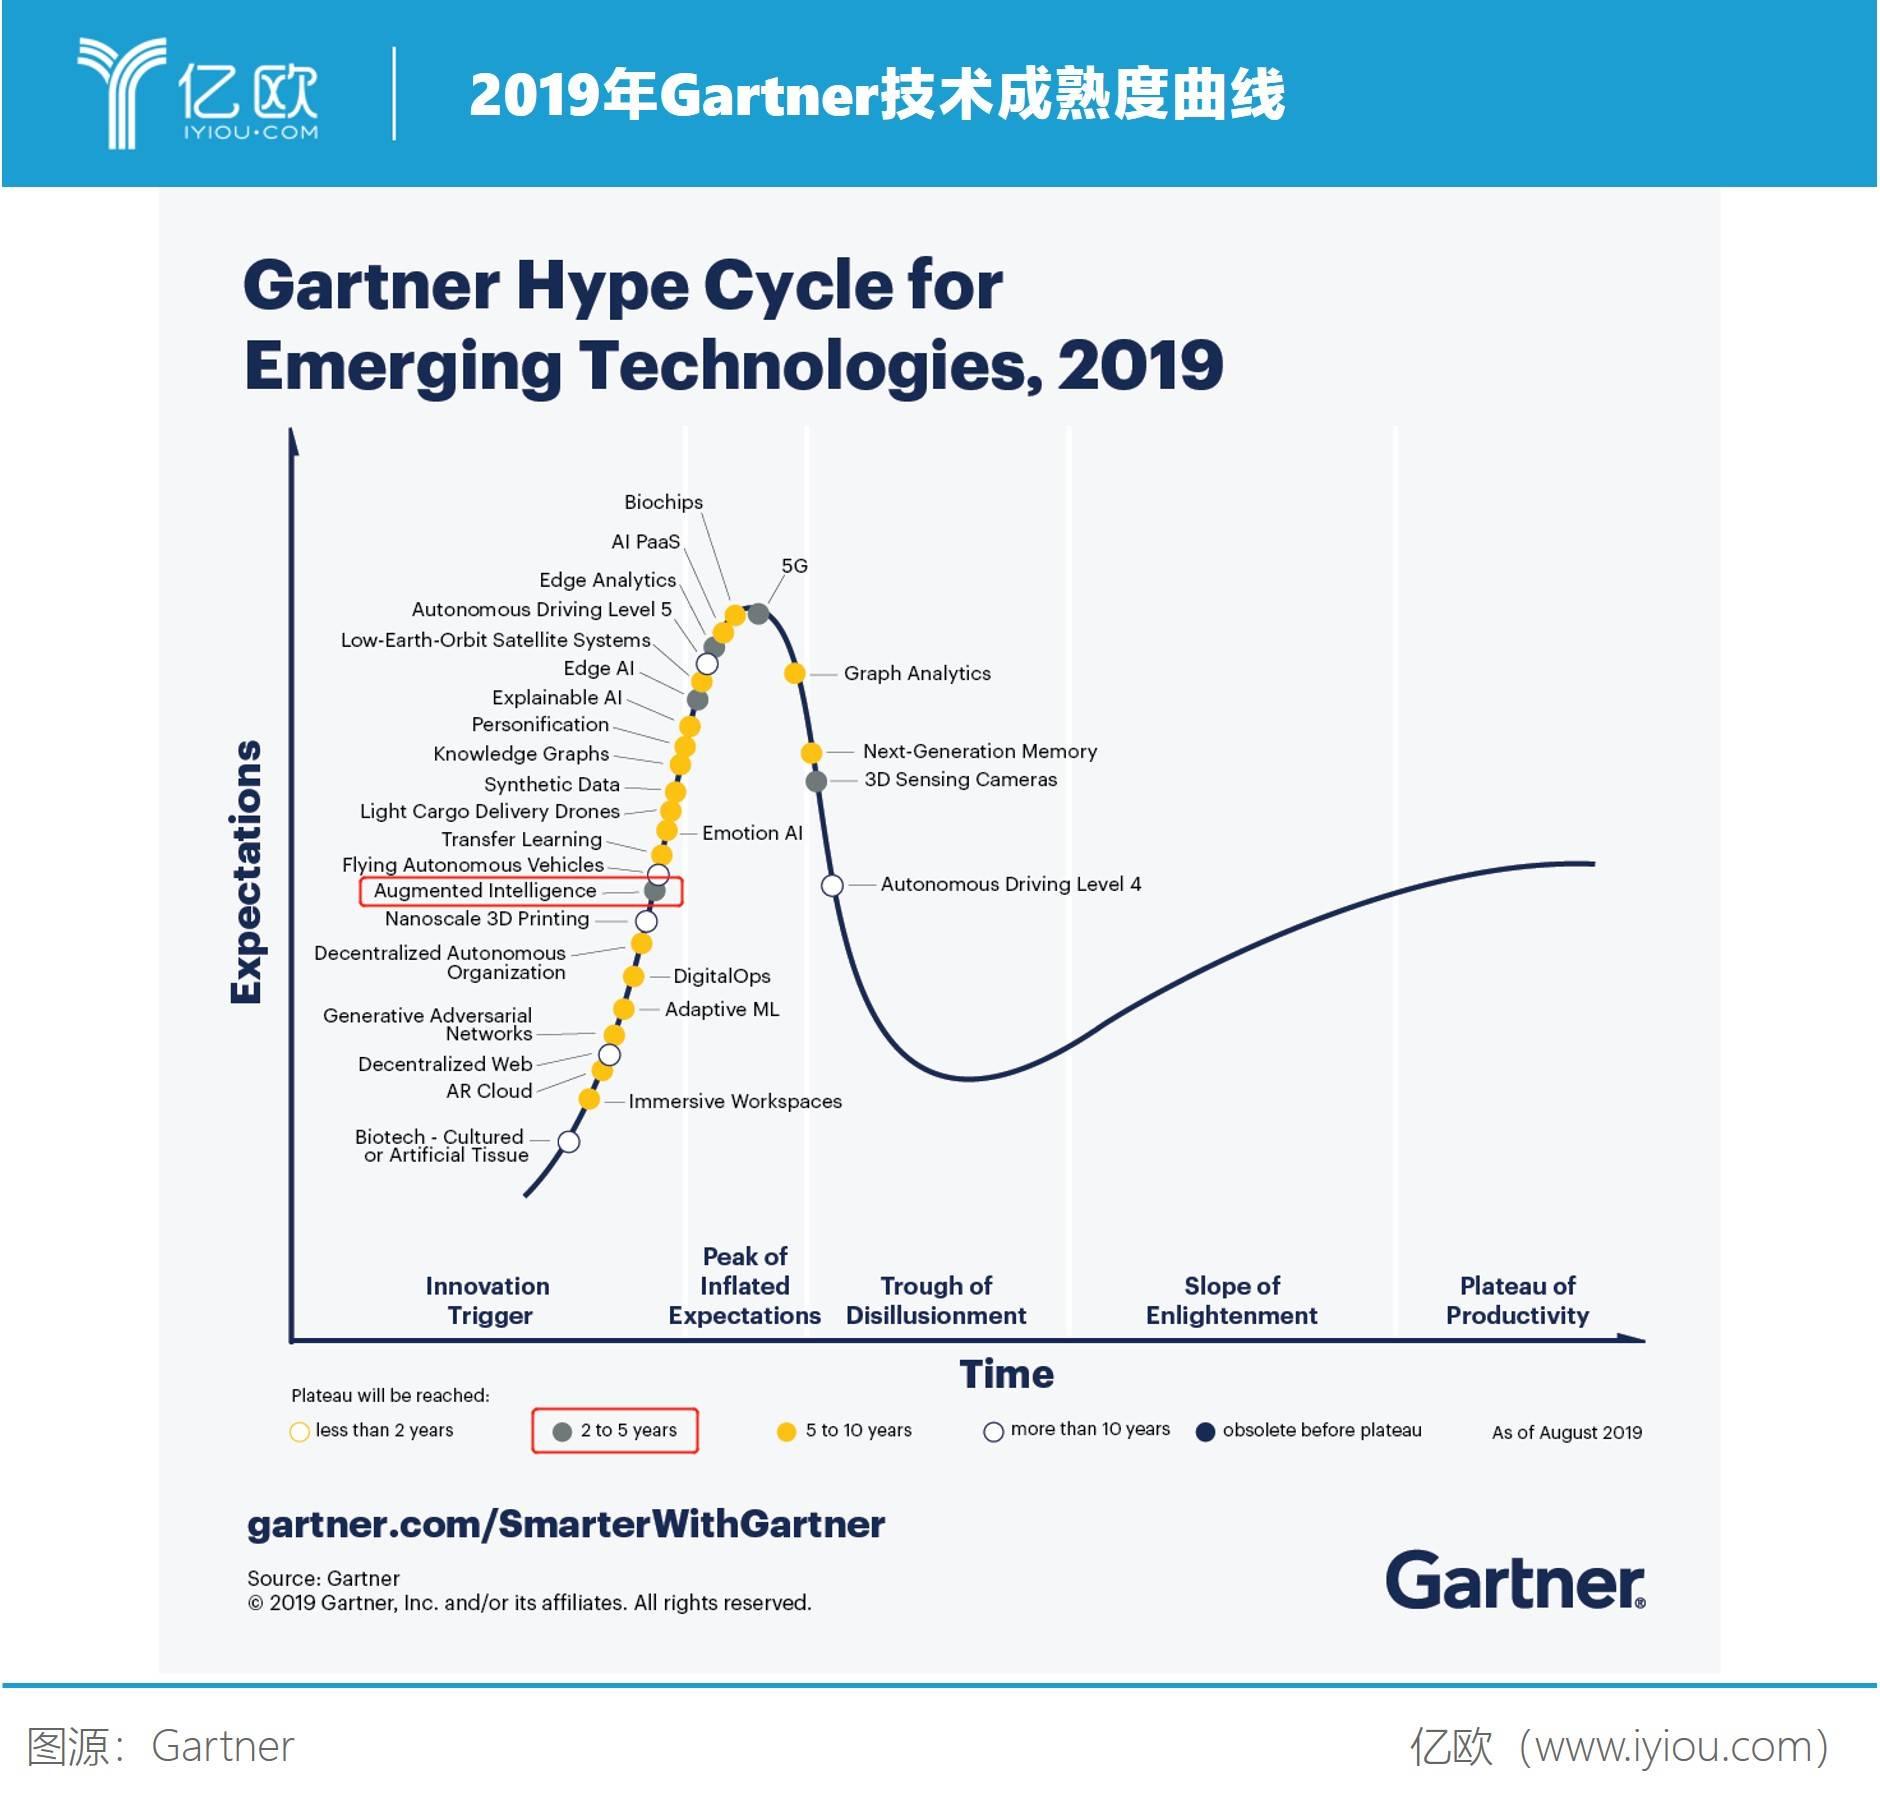 2019年Gartner技术成熟度曲线